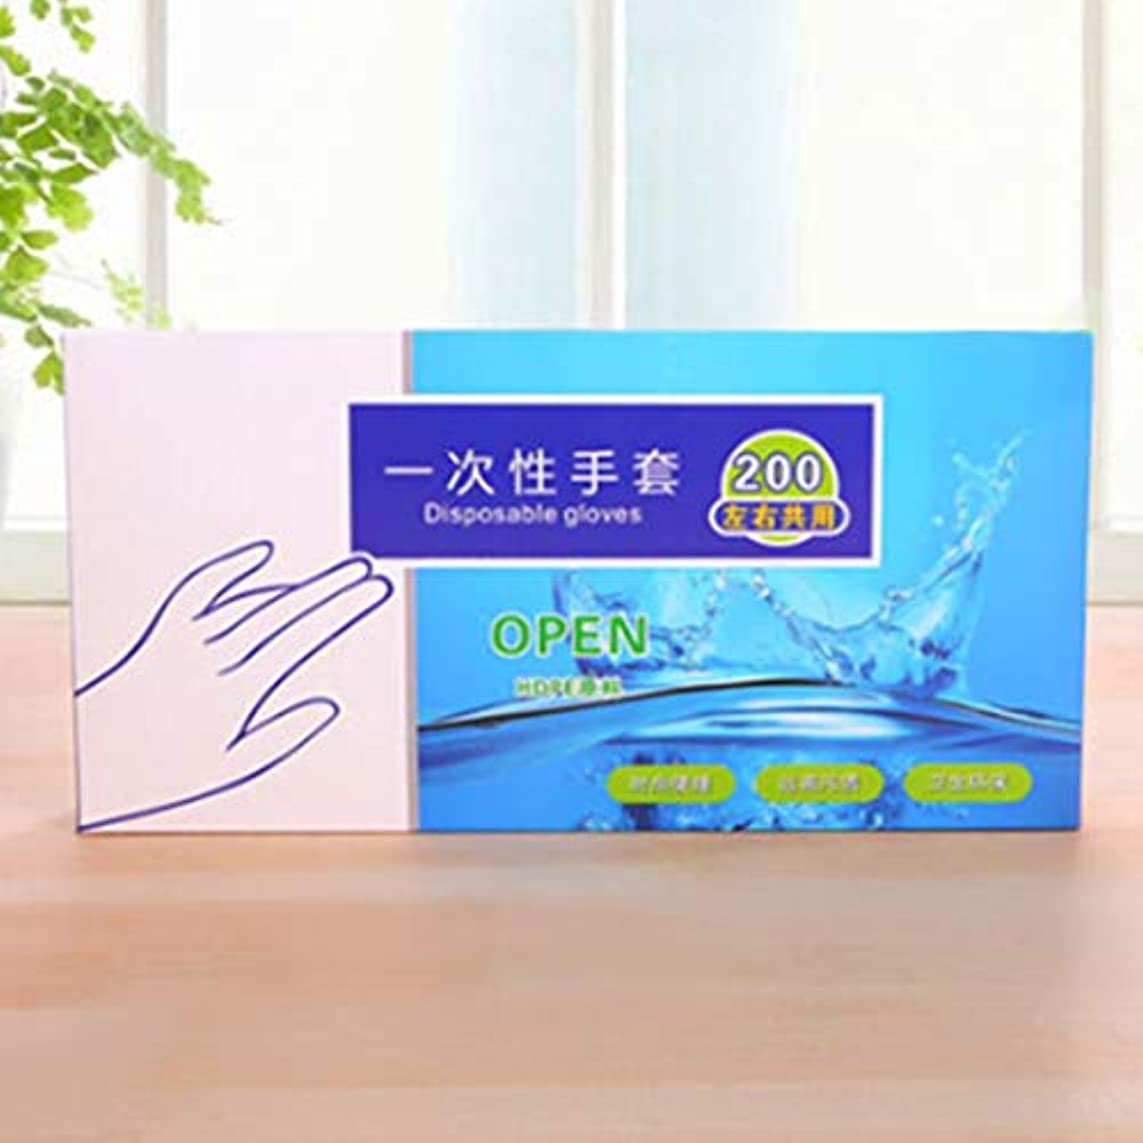 カウボーイ活性化する郵便番号SODAOA屋 使い捨て手袋 透明 実用 衛生 プラスチック 調理 お掃除 毛染め 100枚/200枚 (200)